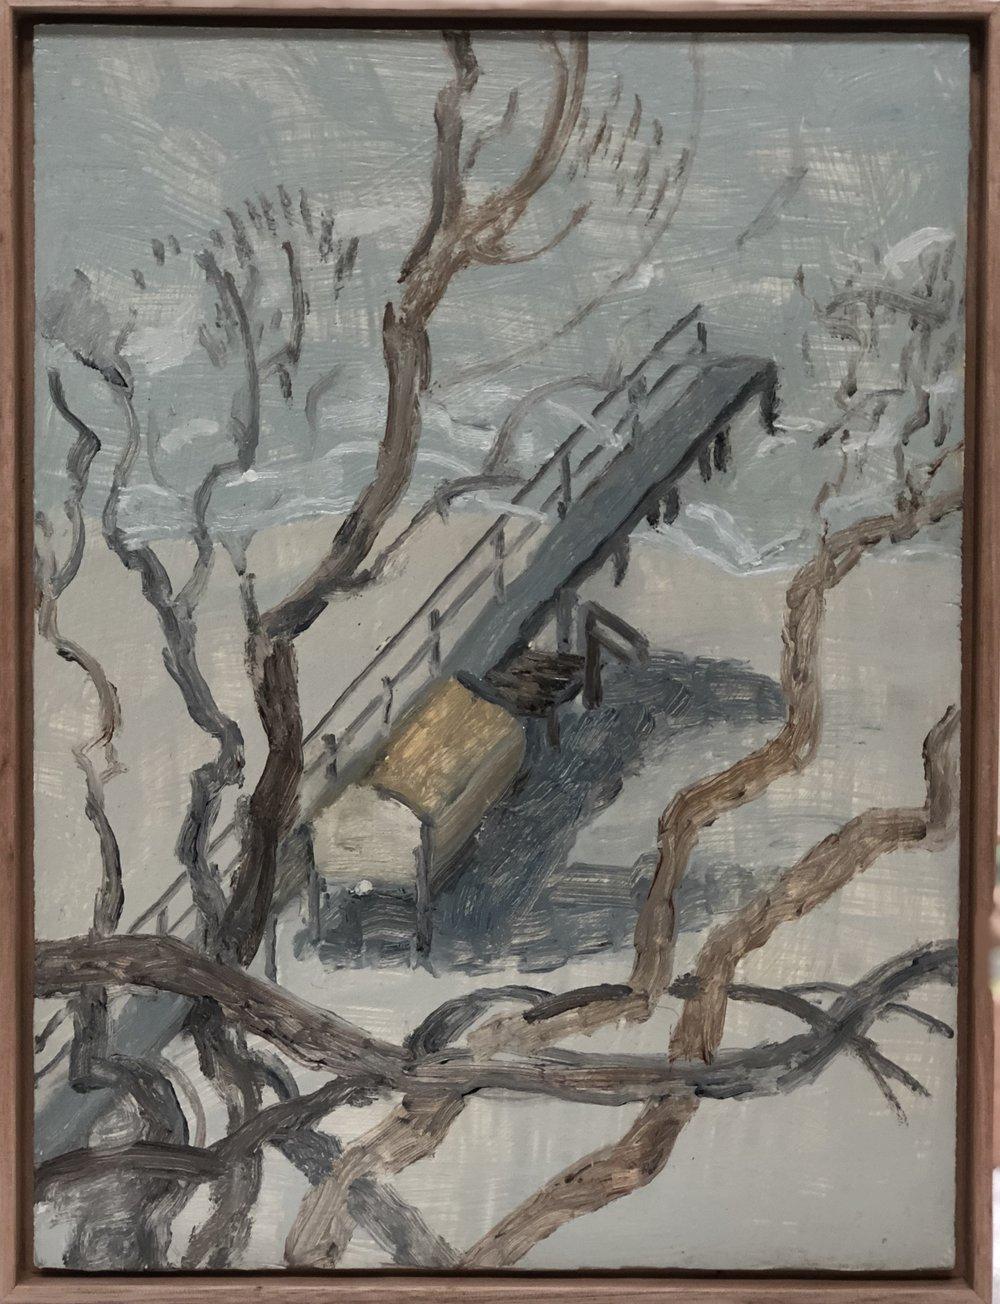 Paul Maher Portsea Pier 2017 oil on canvas 31 x 24.5cm framed.jpg